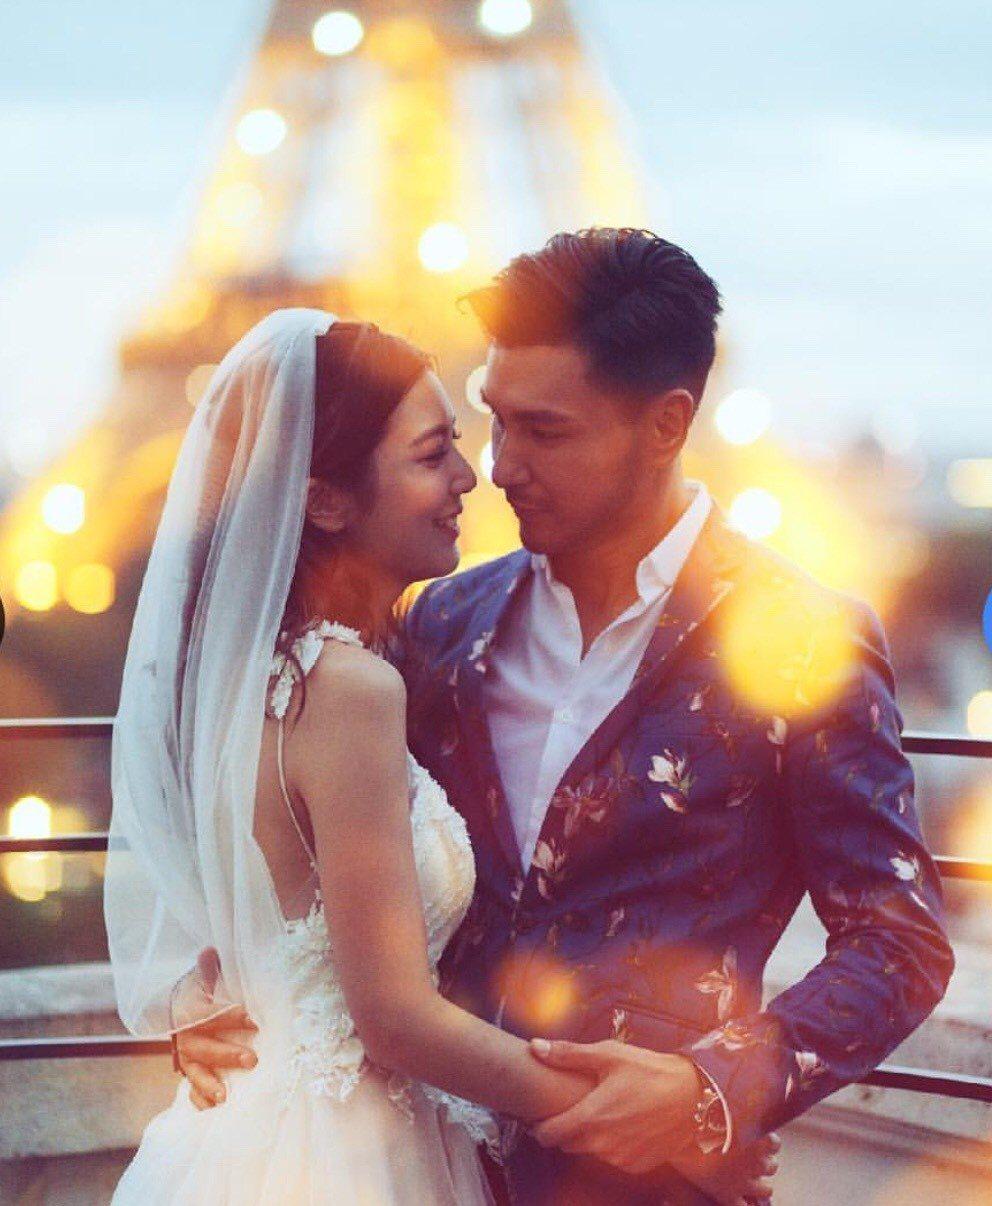 港星陳展鵬上個月迎娶小13歲備選港姐單文柔,認了奉子成婚。圖/摘自IG